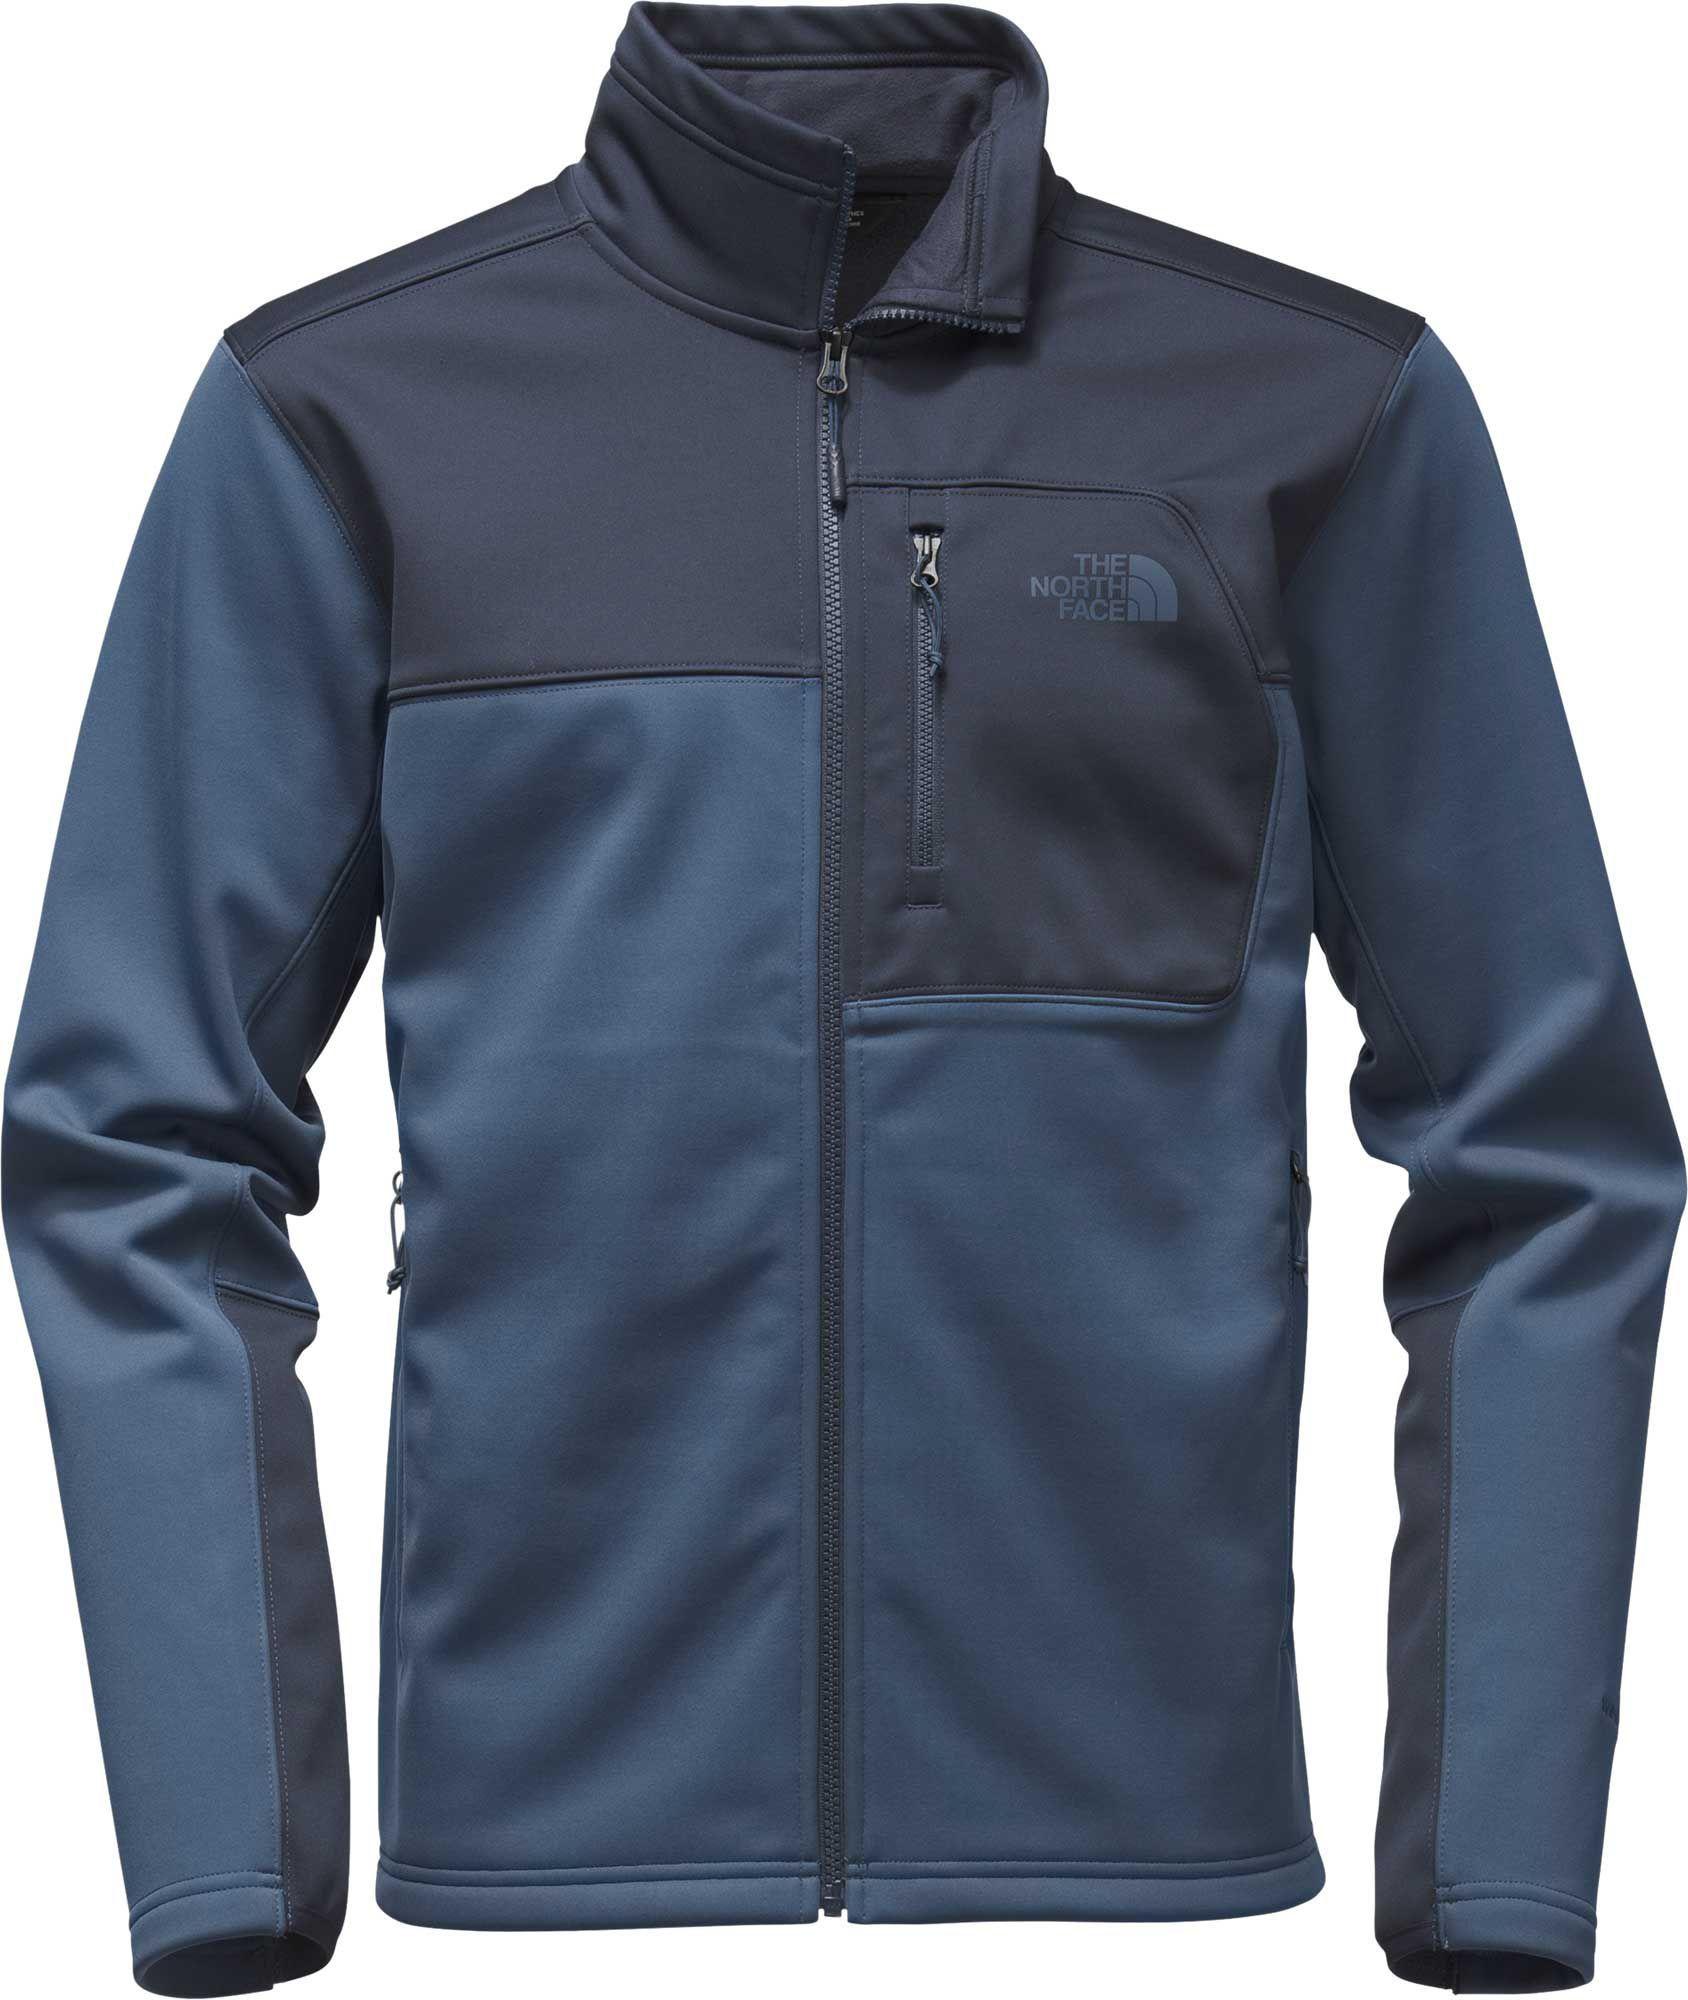 The North Face Men's Apex Risor Full Zip Jacket   Herremode